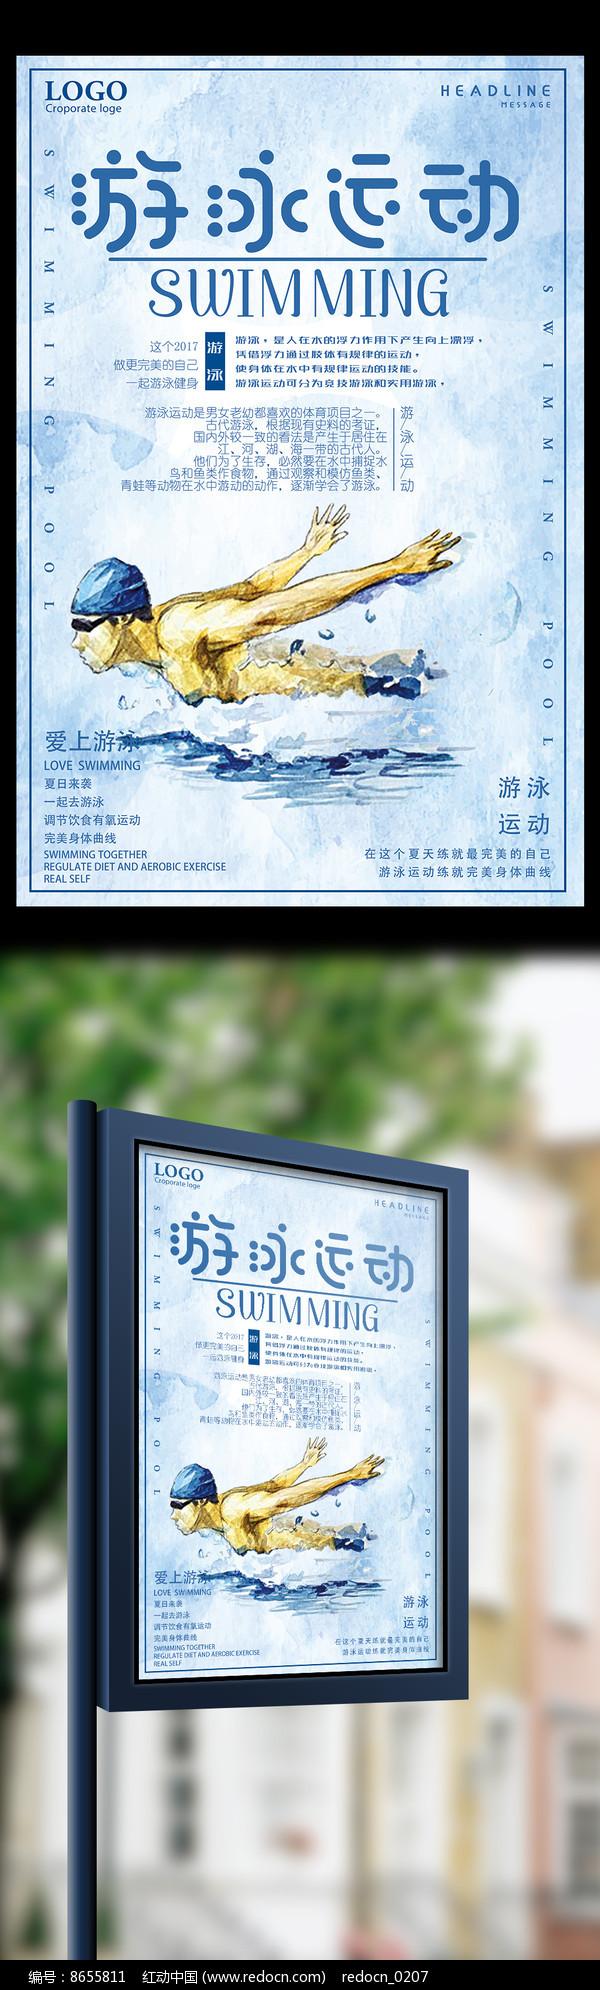 游泳运动宣传海报图片